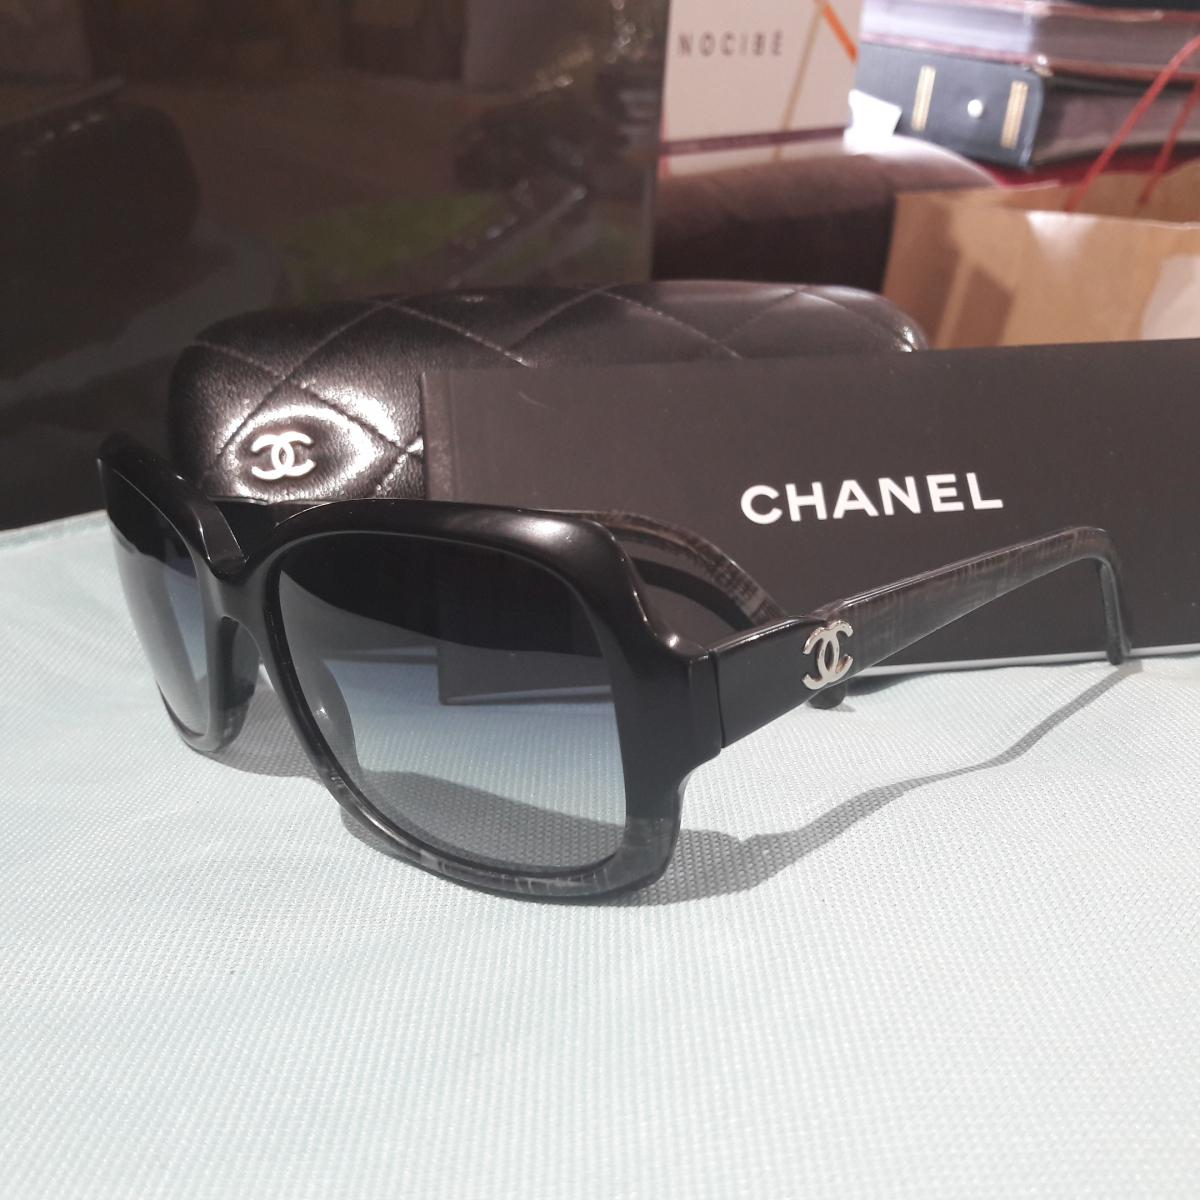 Lunettes solaire Chanel  Lunettes solaire Chanel 5cda52a6479f